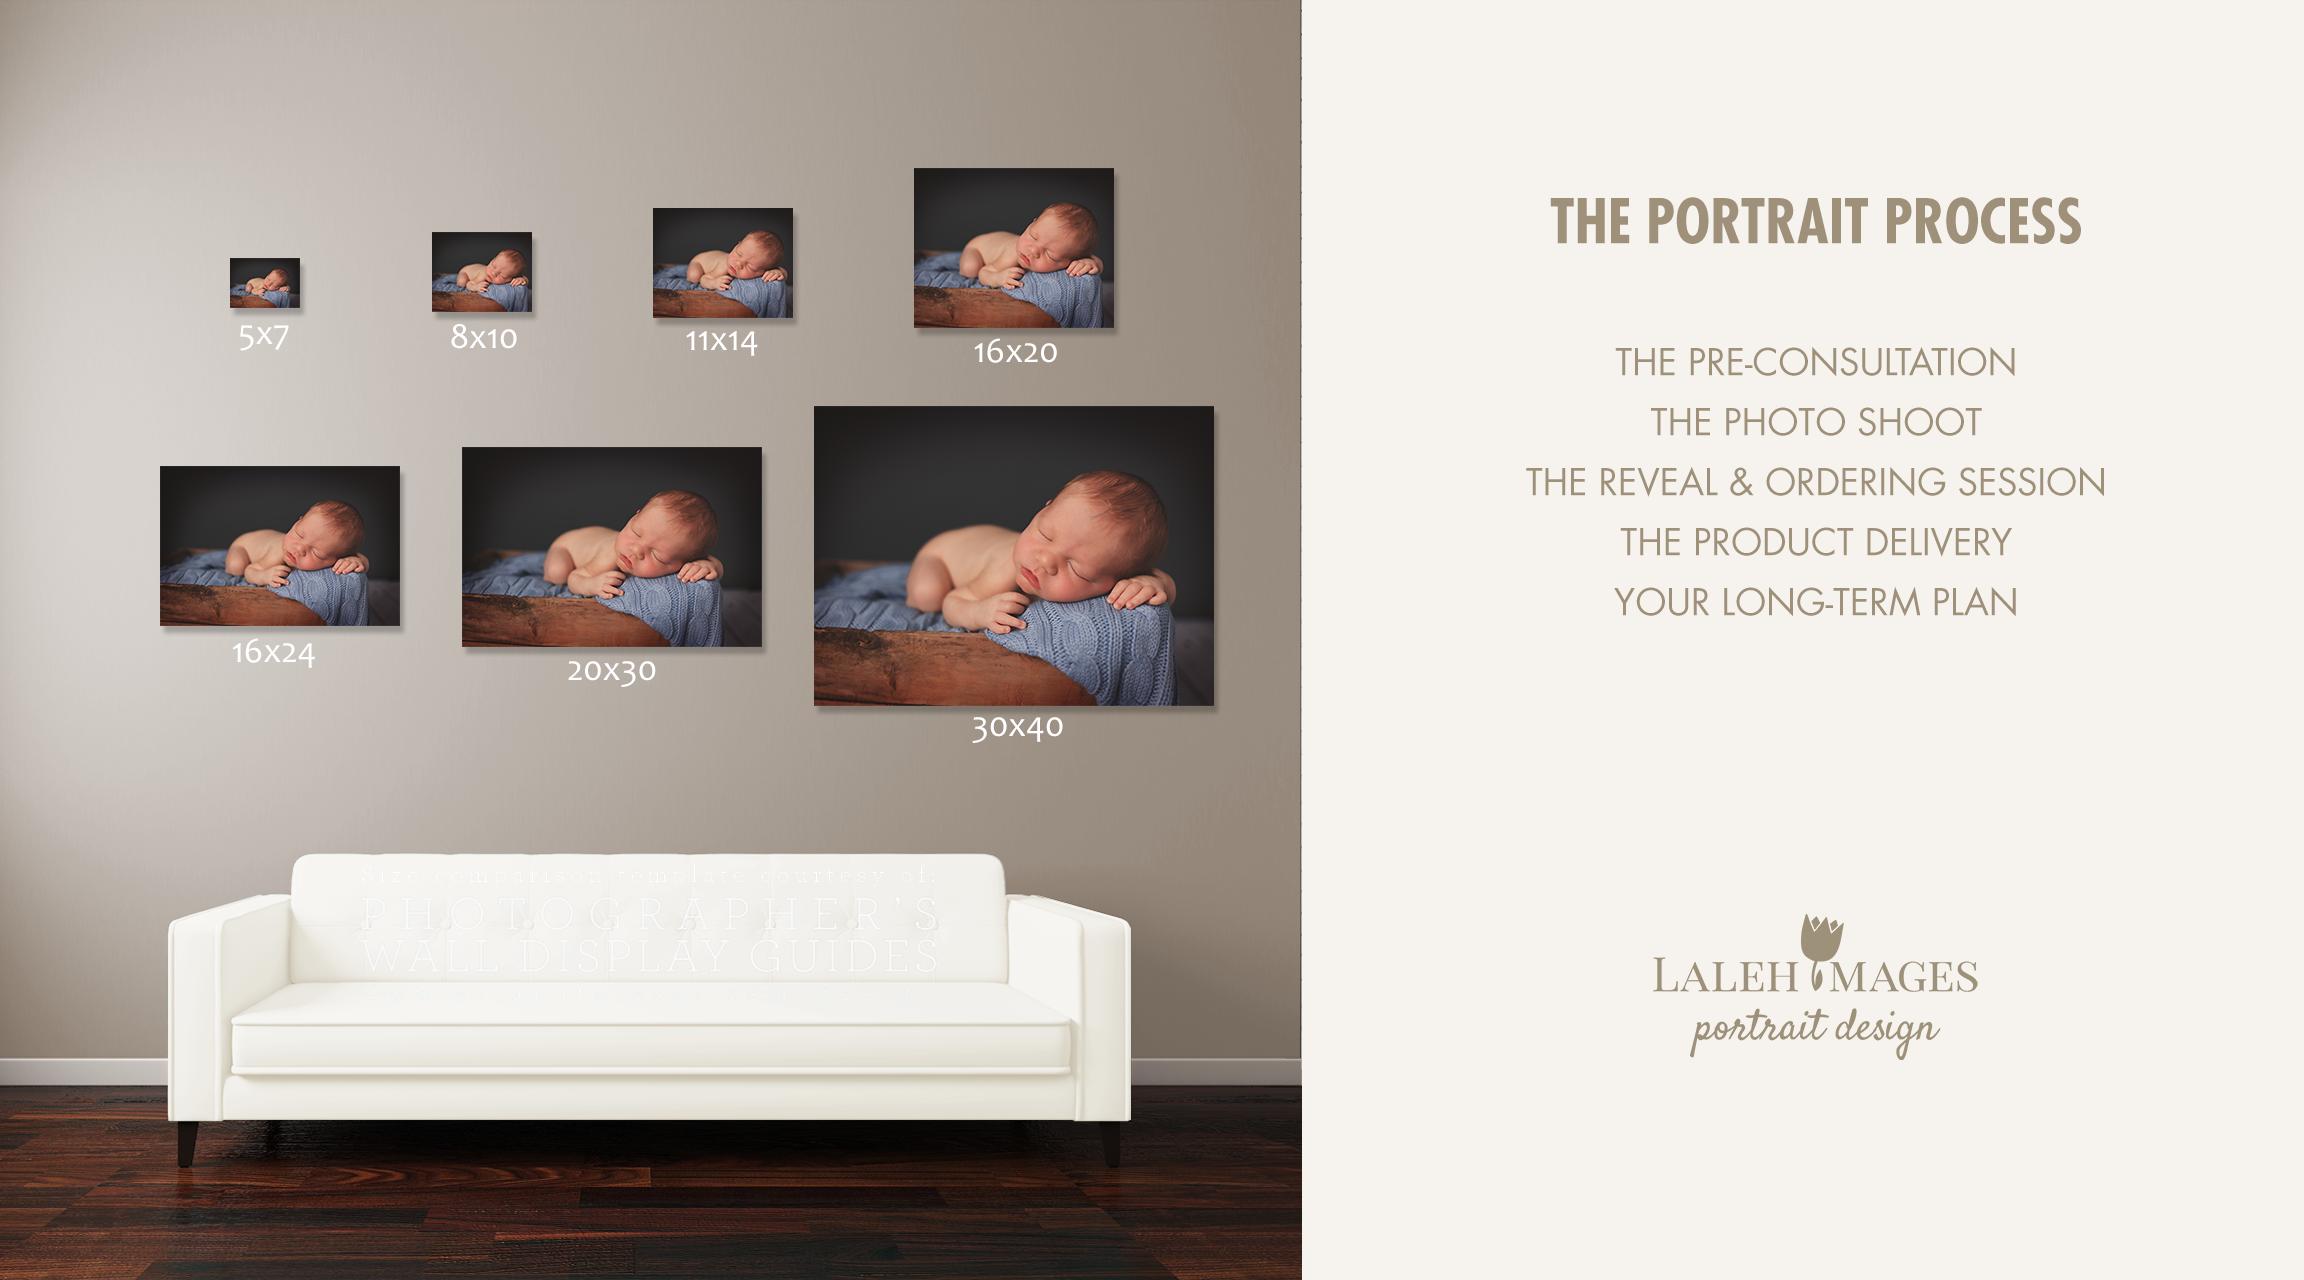 The Portrait Process